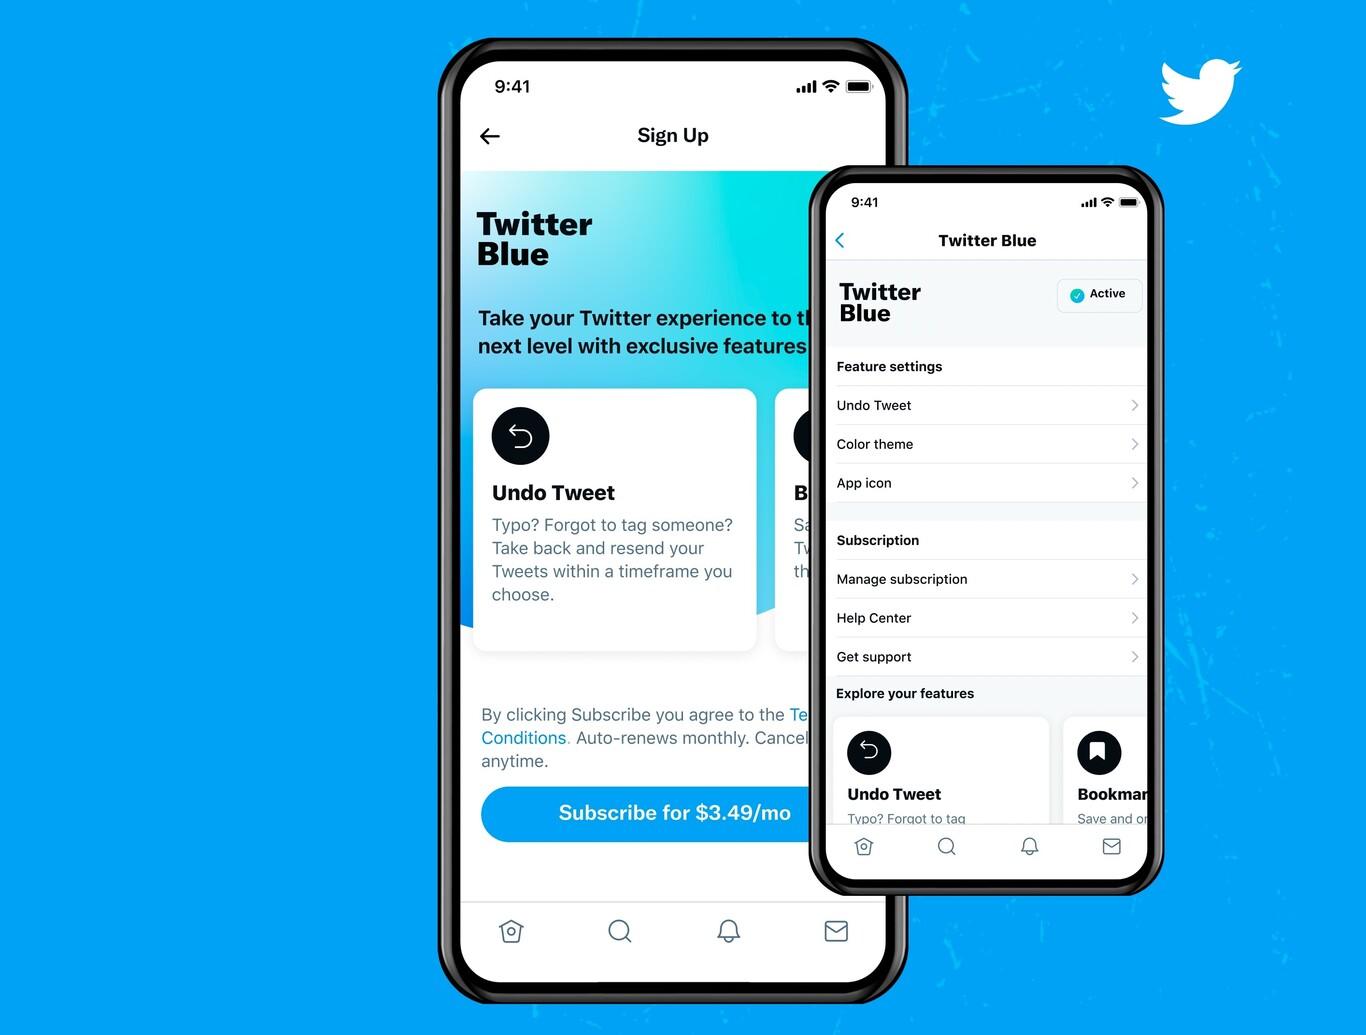 טוויטר בלו, השירות הראשון בתשלום בתולדות טוויטר, מציע שלל יתרונות, השאלה היא מי ישלם עבורם